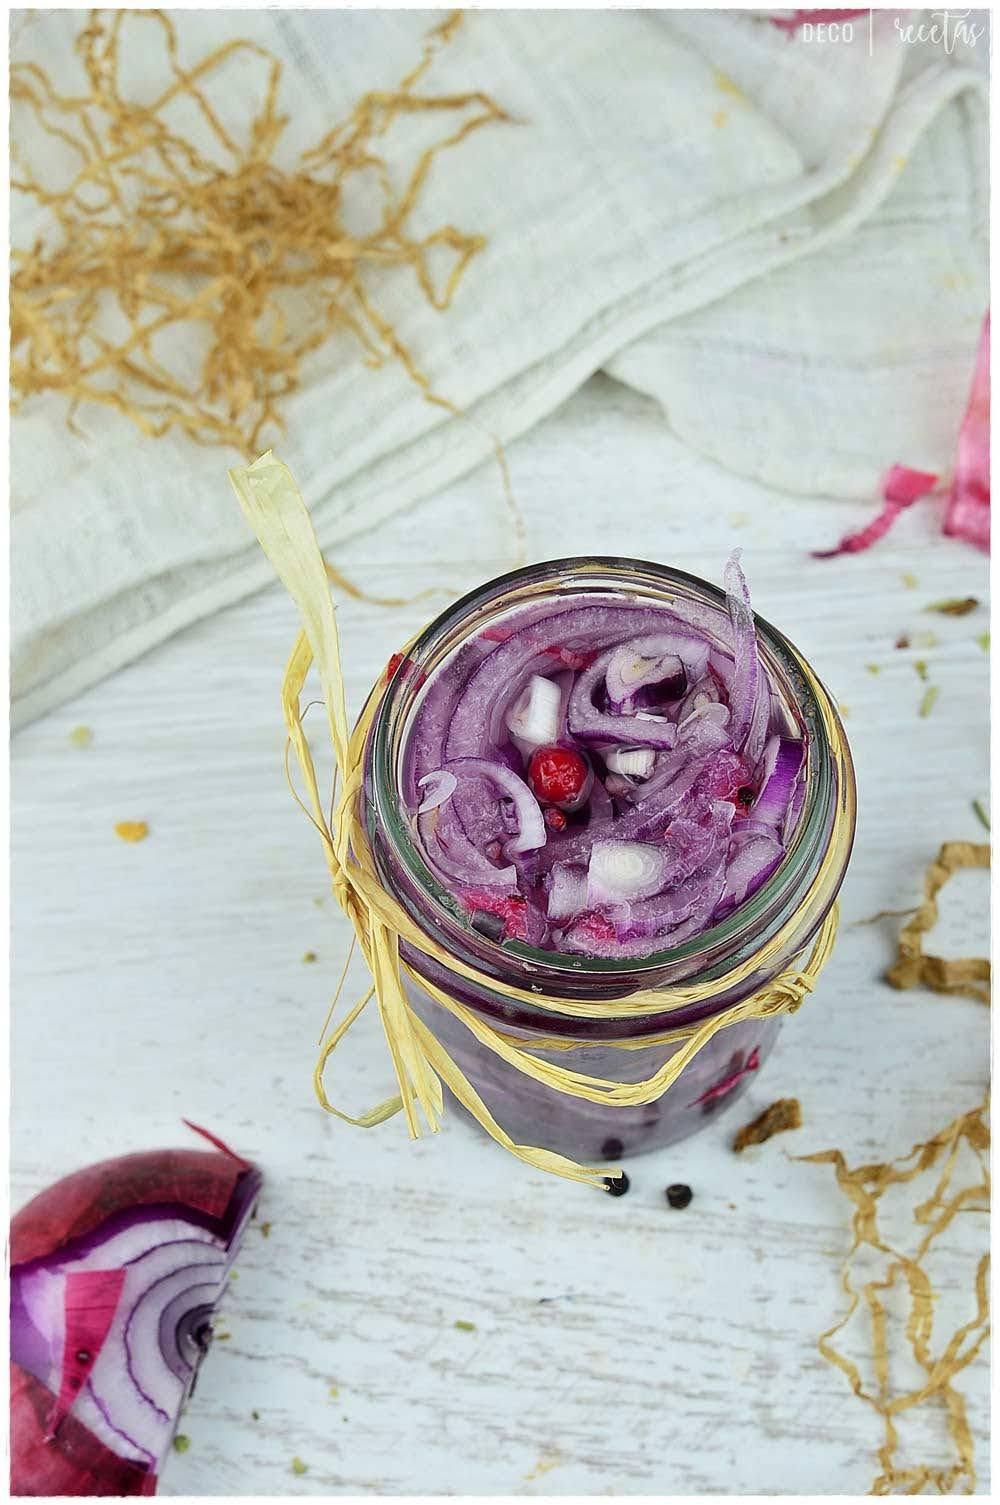 cebolla confitada cebolla caramelizada